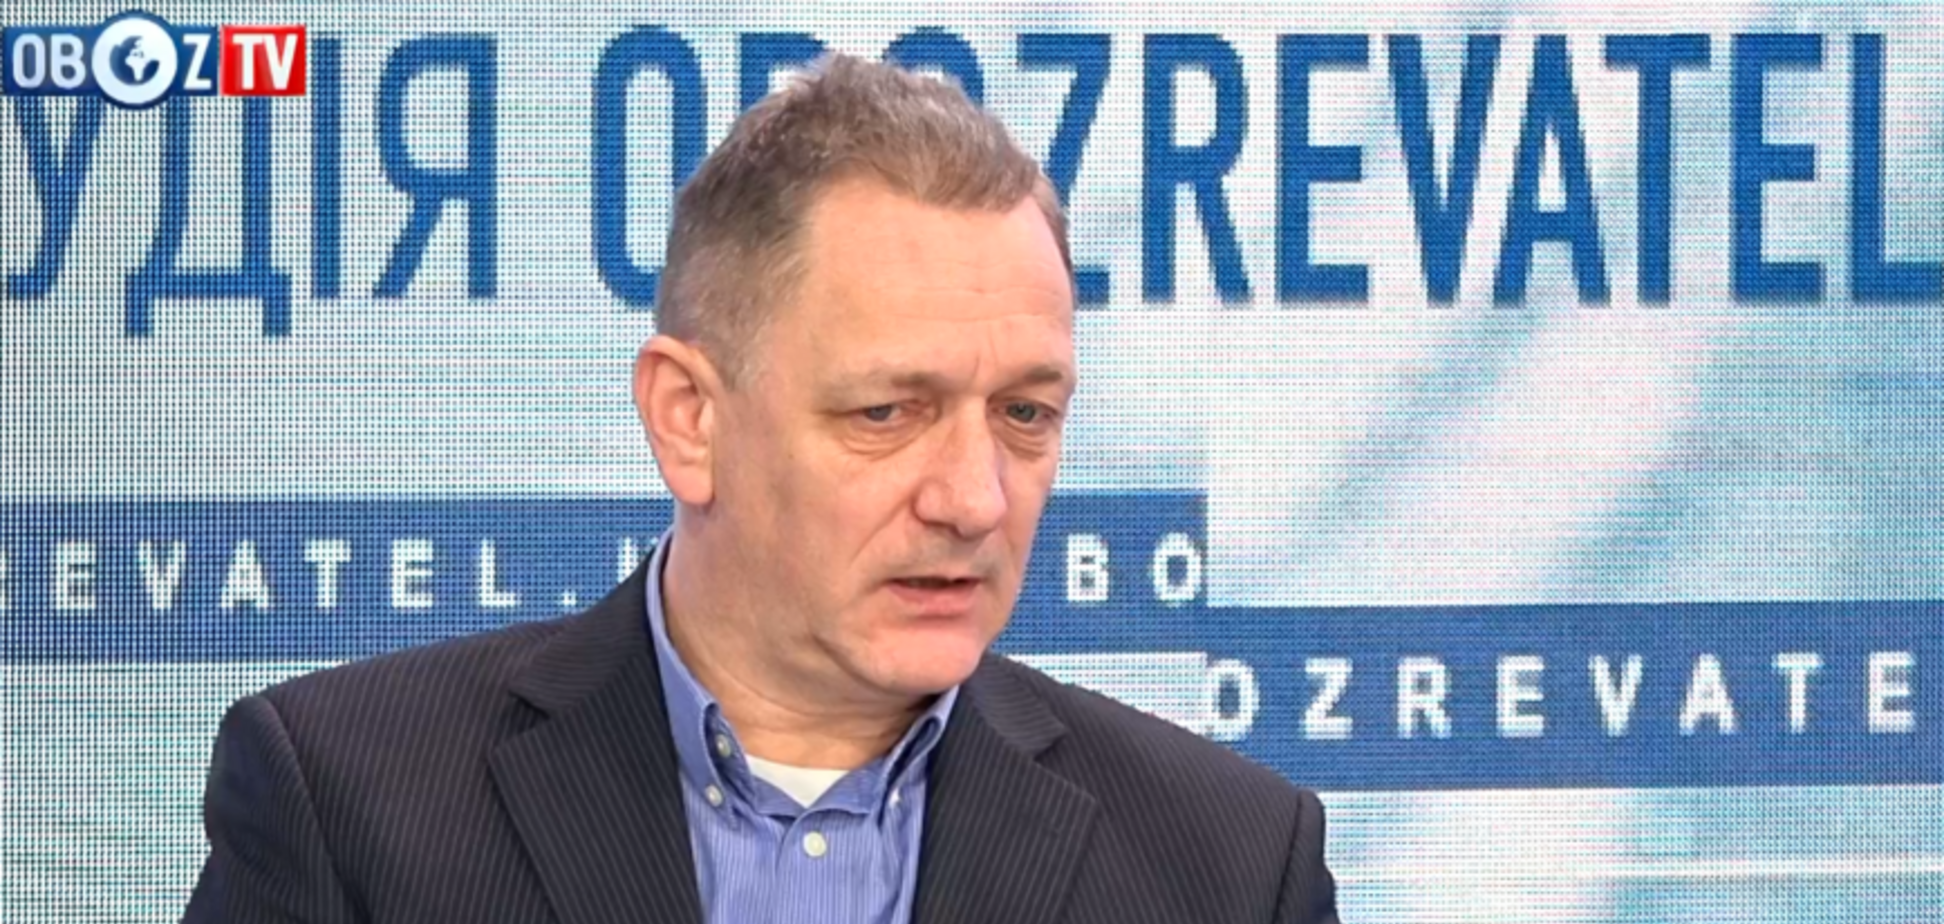 Растет цена и количество фальсификата: эксперт указал на закономерность в поведении украинских экспортеров